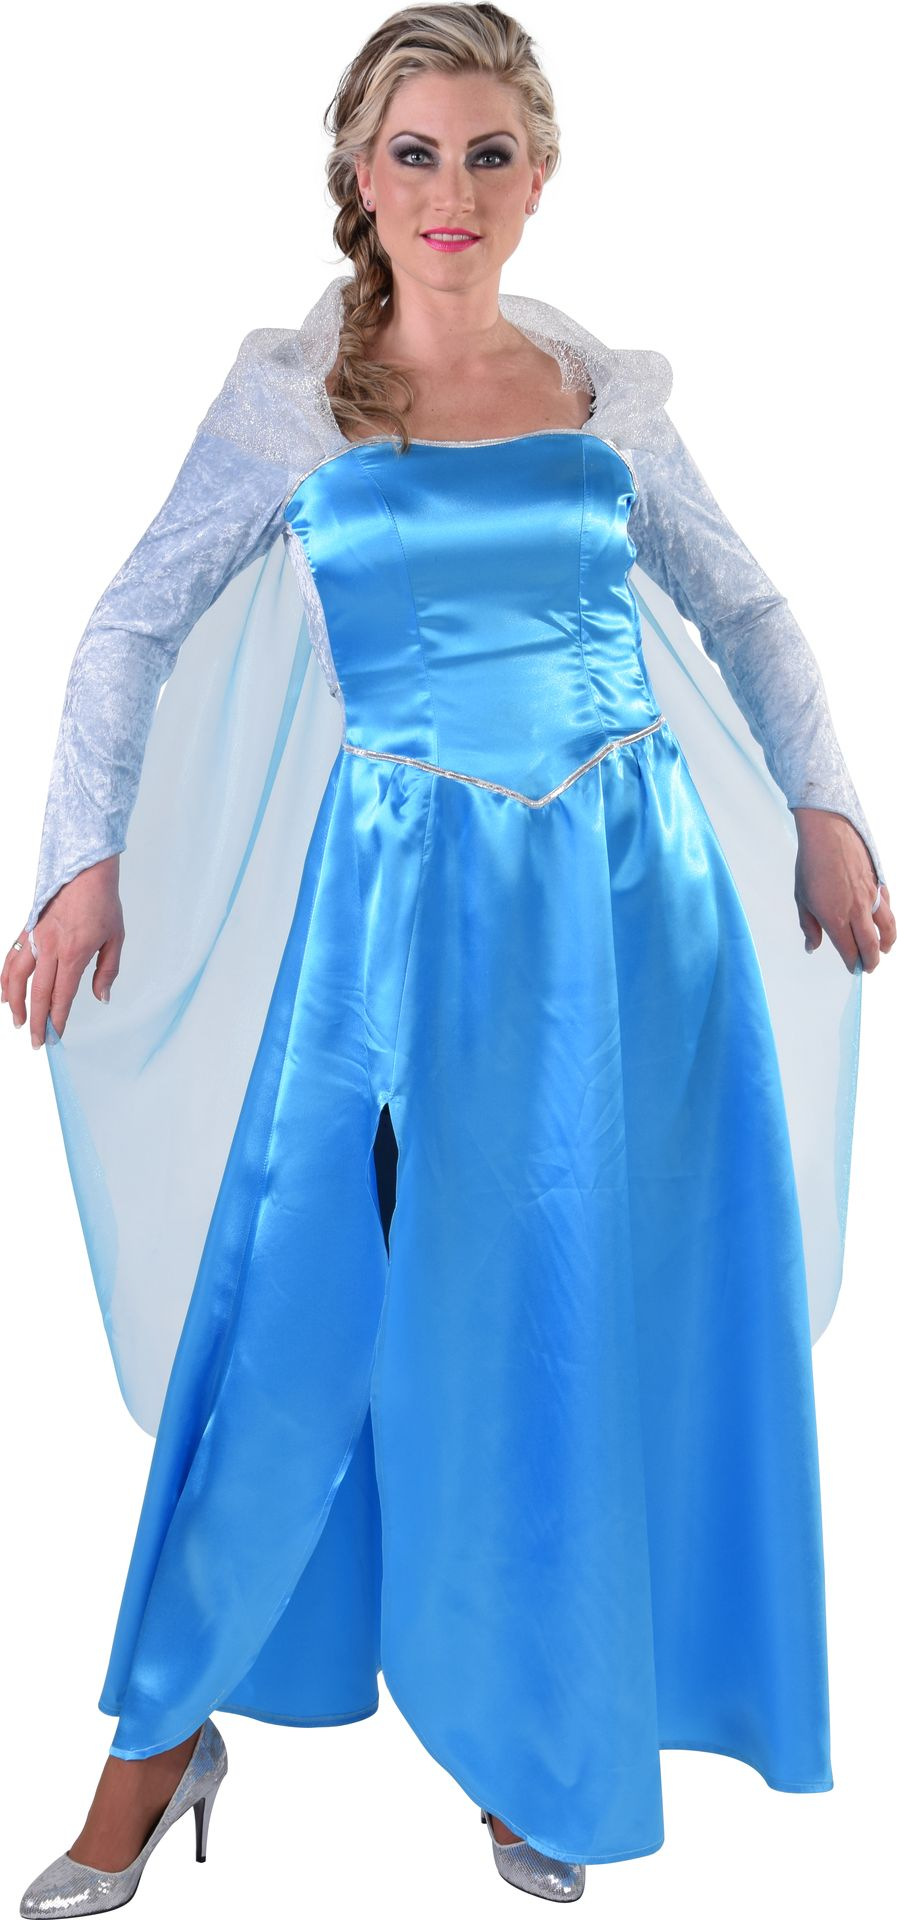 Frozen Elsa jurk dames